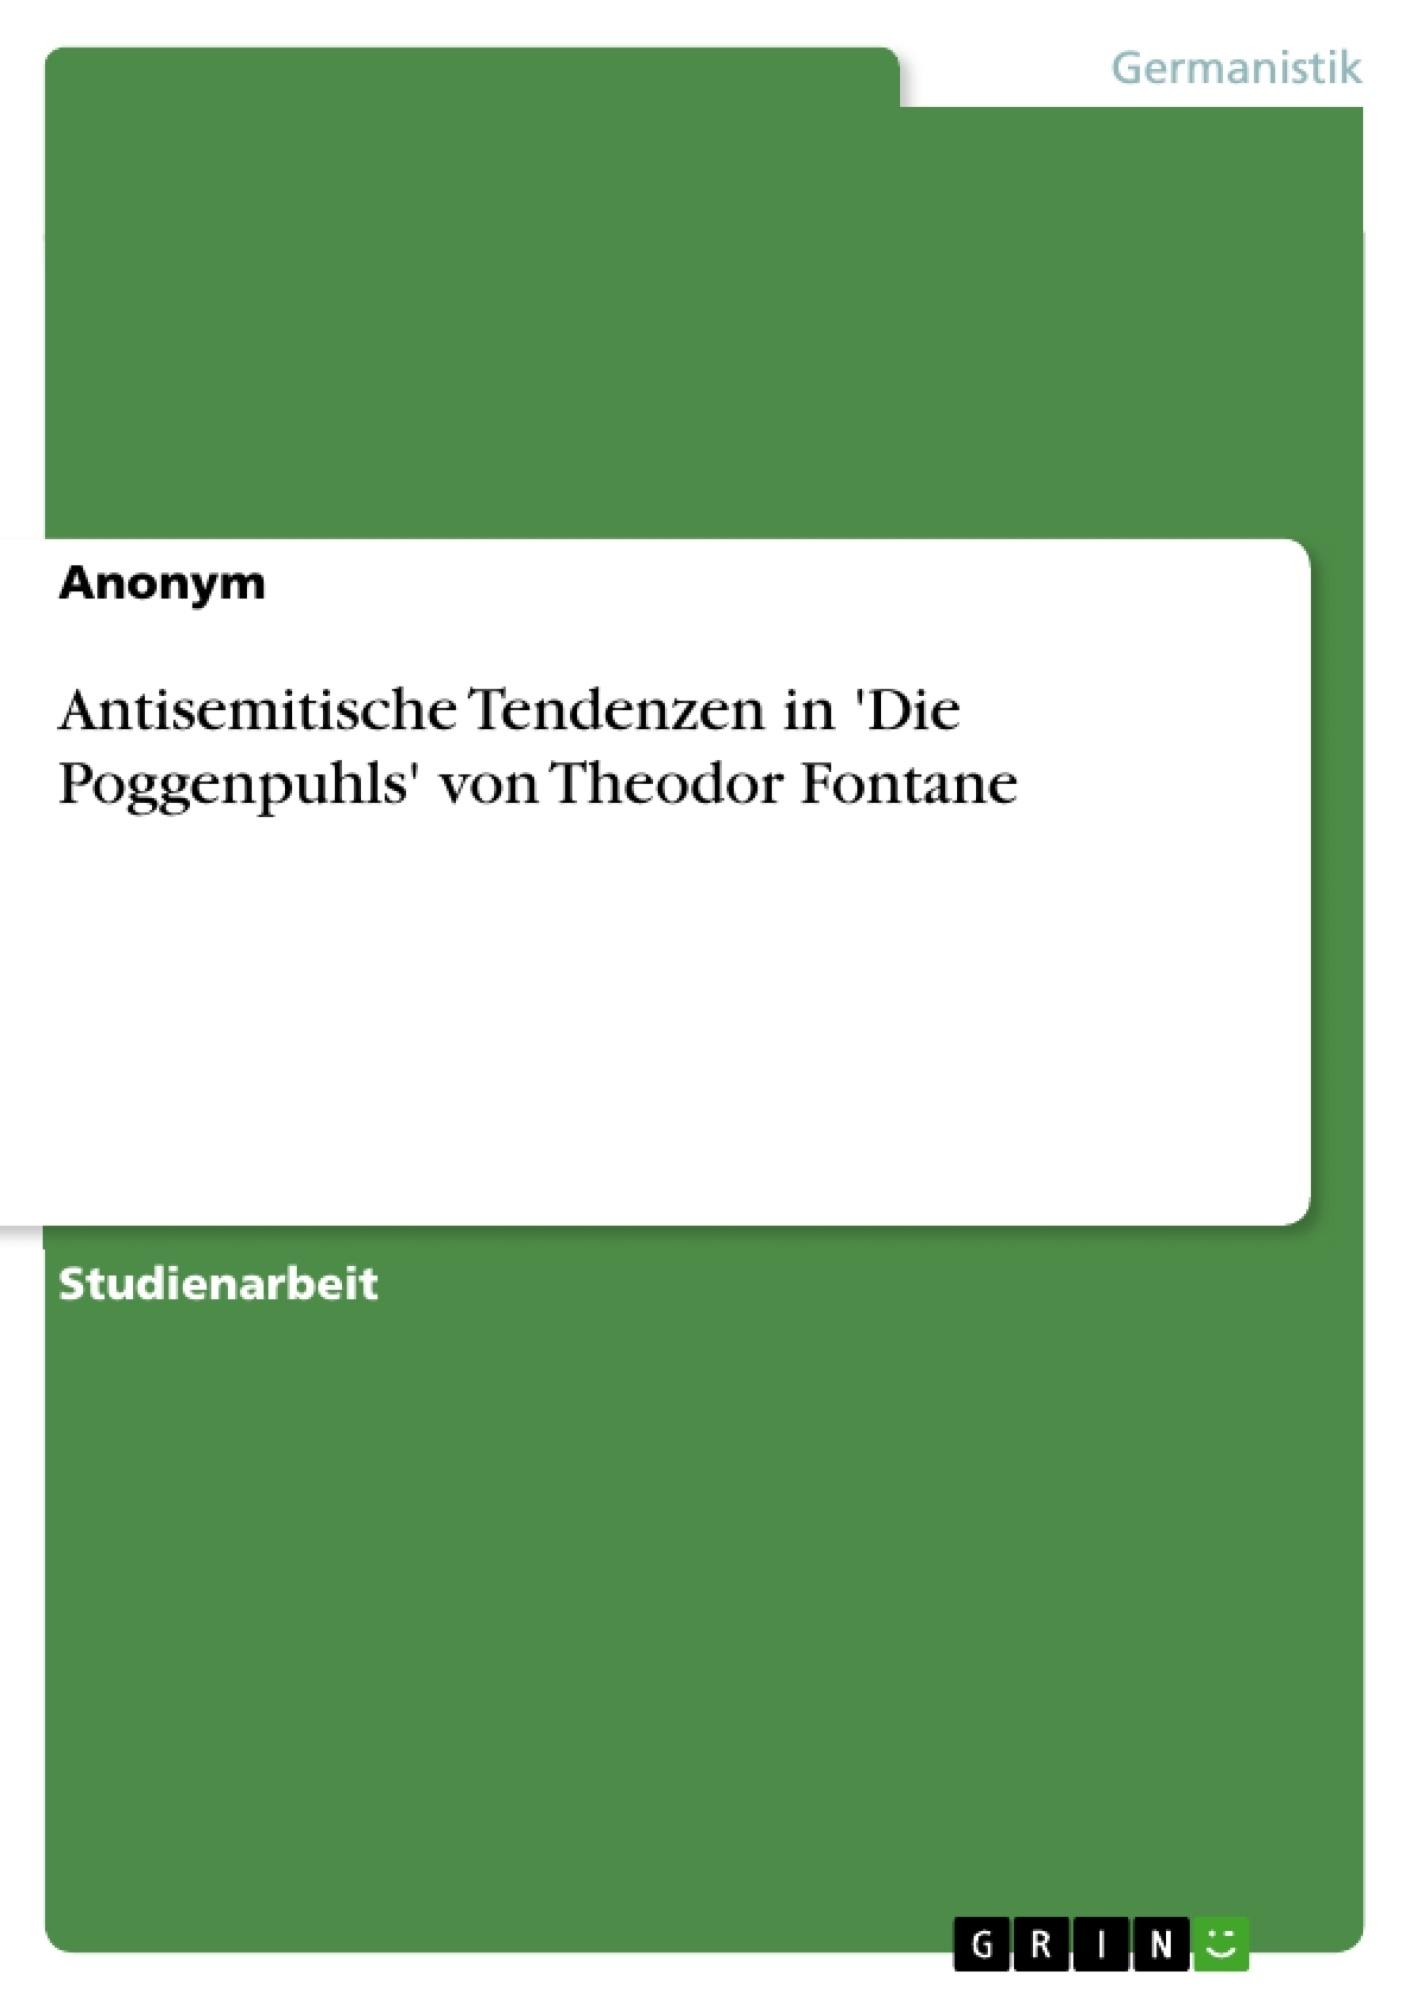 Titel: Antisemitische Tendenzen in 'Die Poggenpuhls' von Theodor Fontane